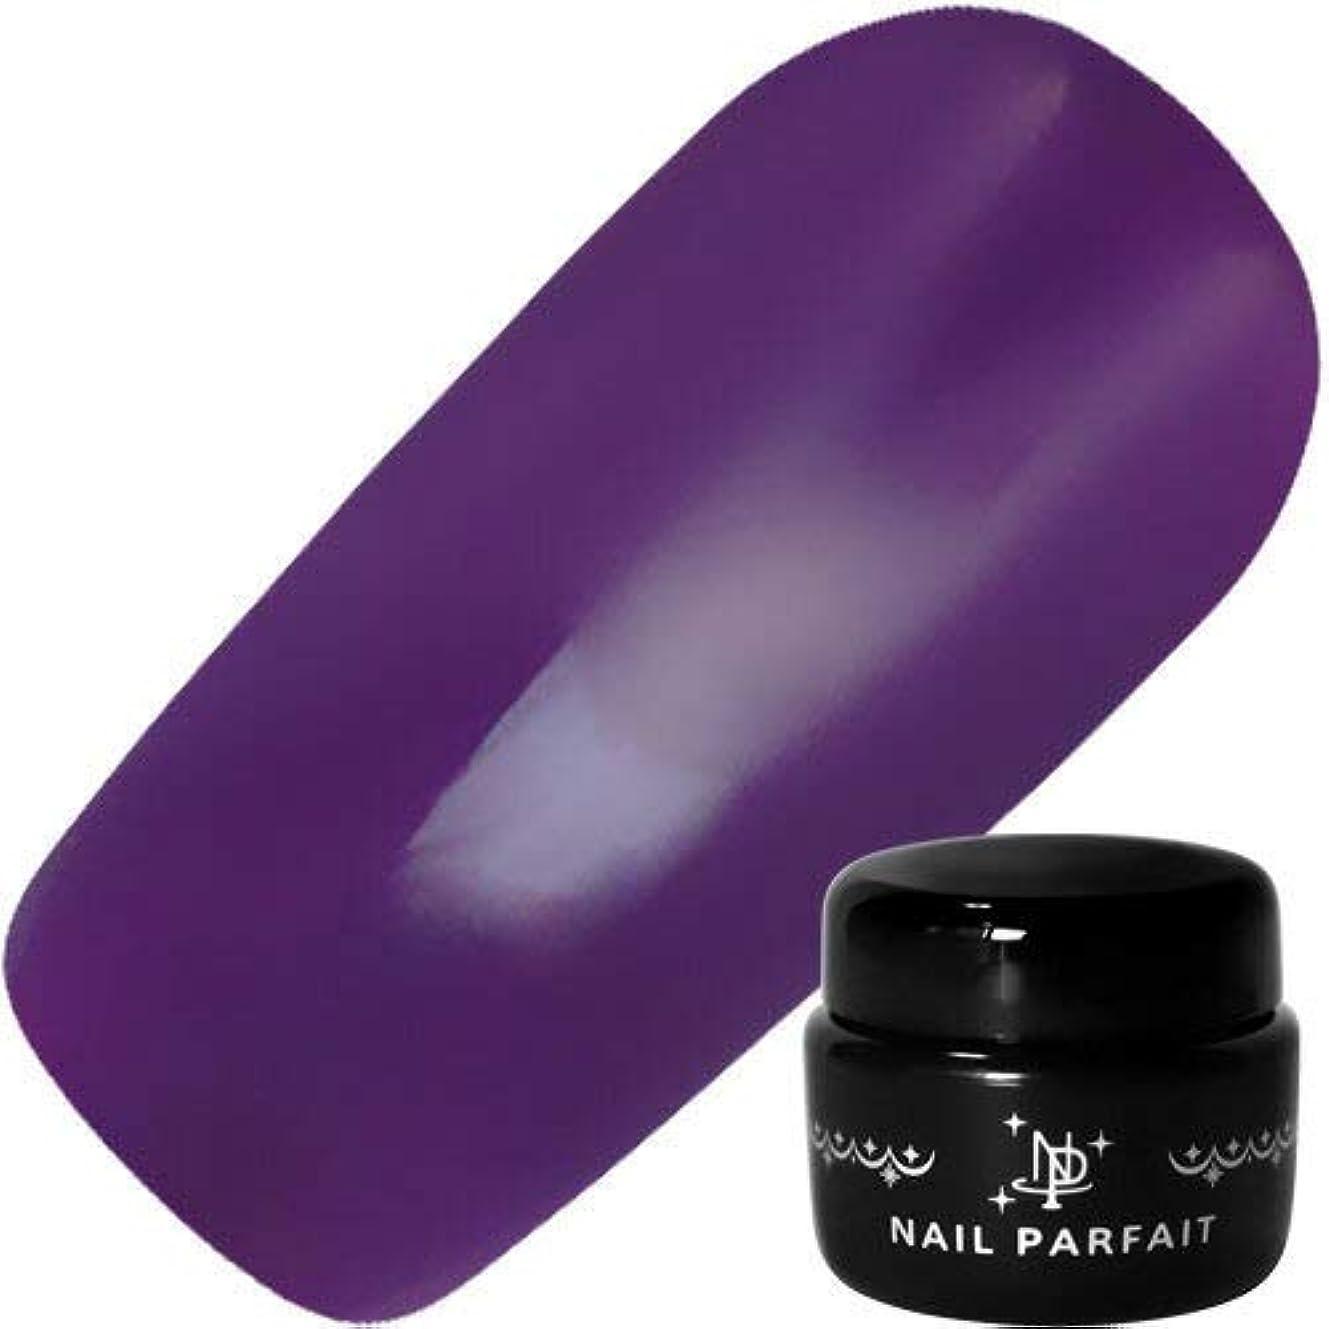 準備与える可愛いNAIL PARFAIT ネイルパフェ カラージェル A44京紫 2g 【ジェル/カラージェル?ネイル用品】